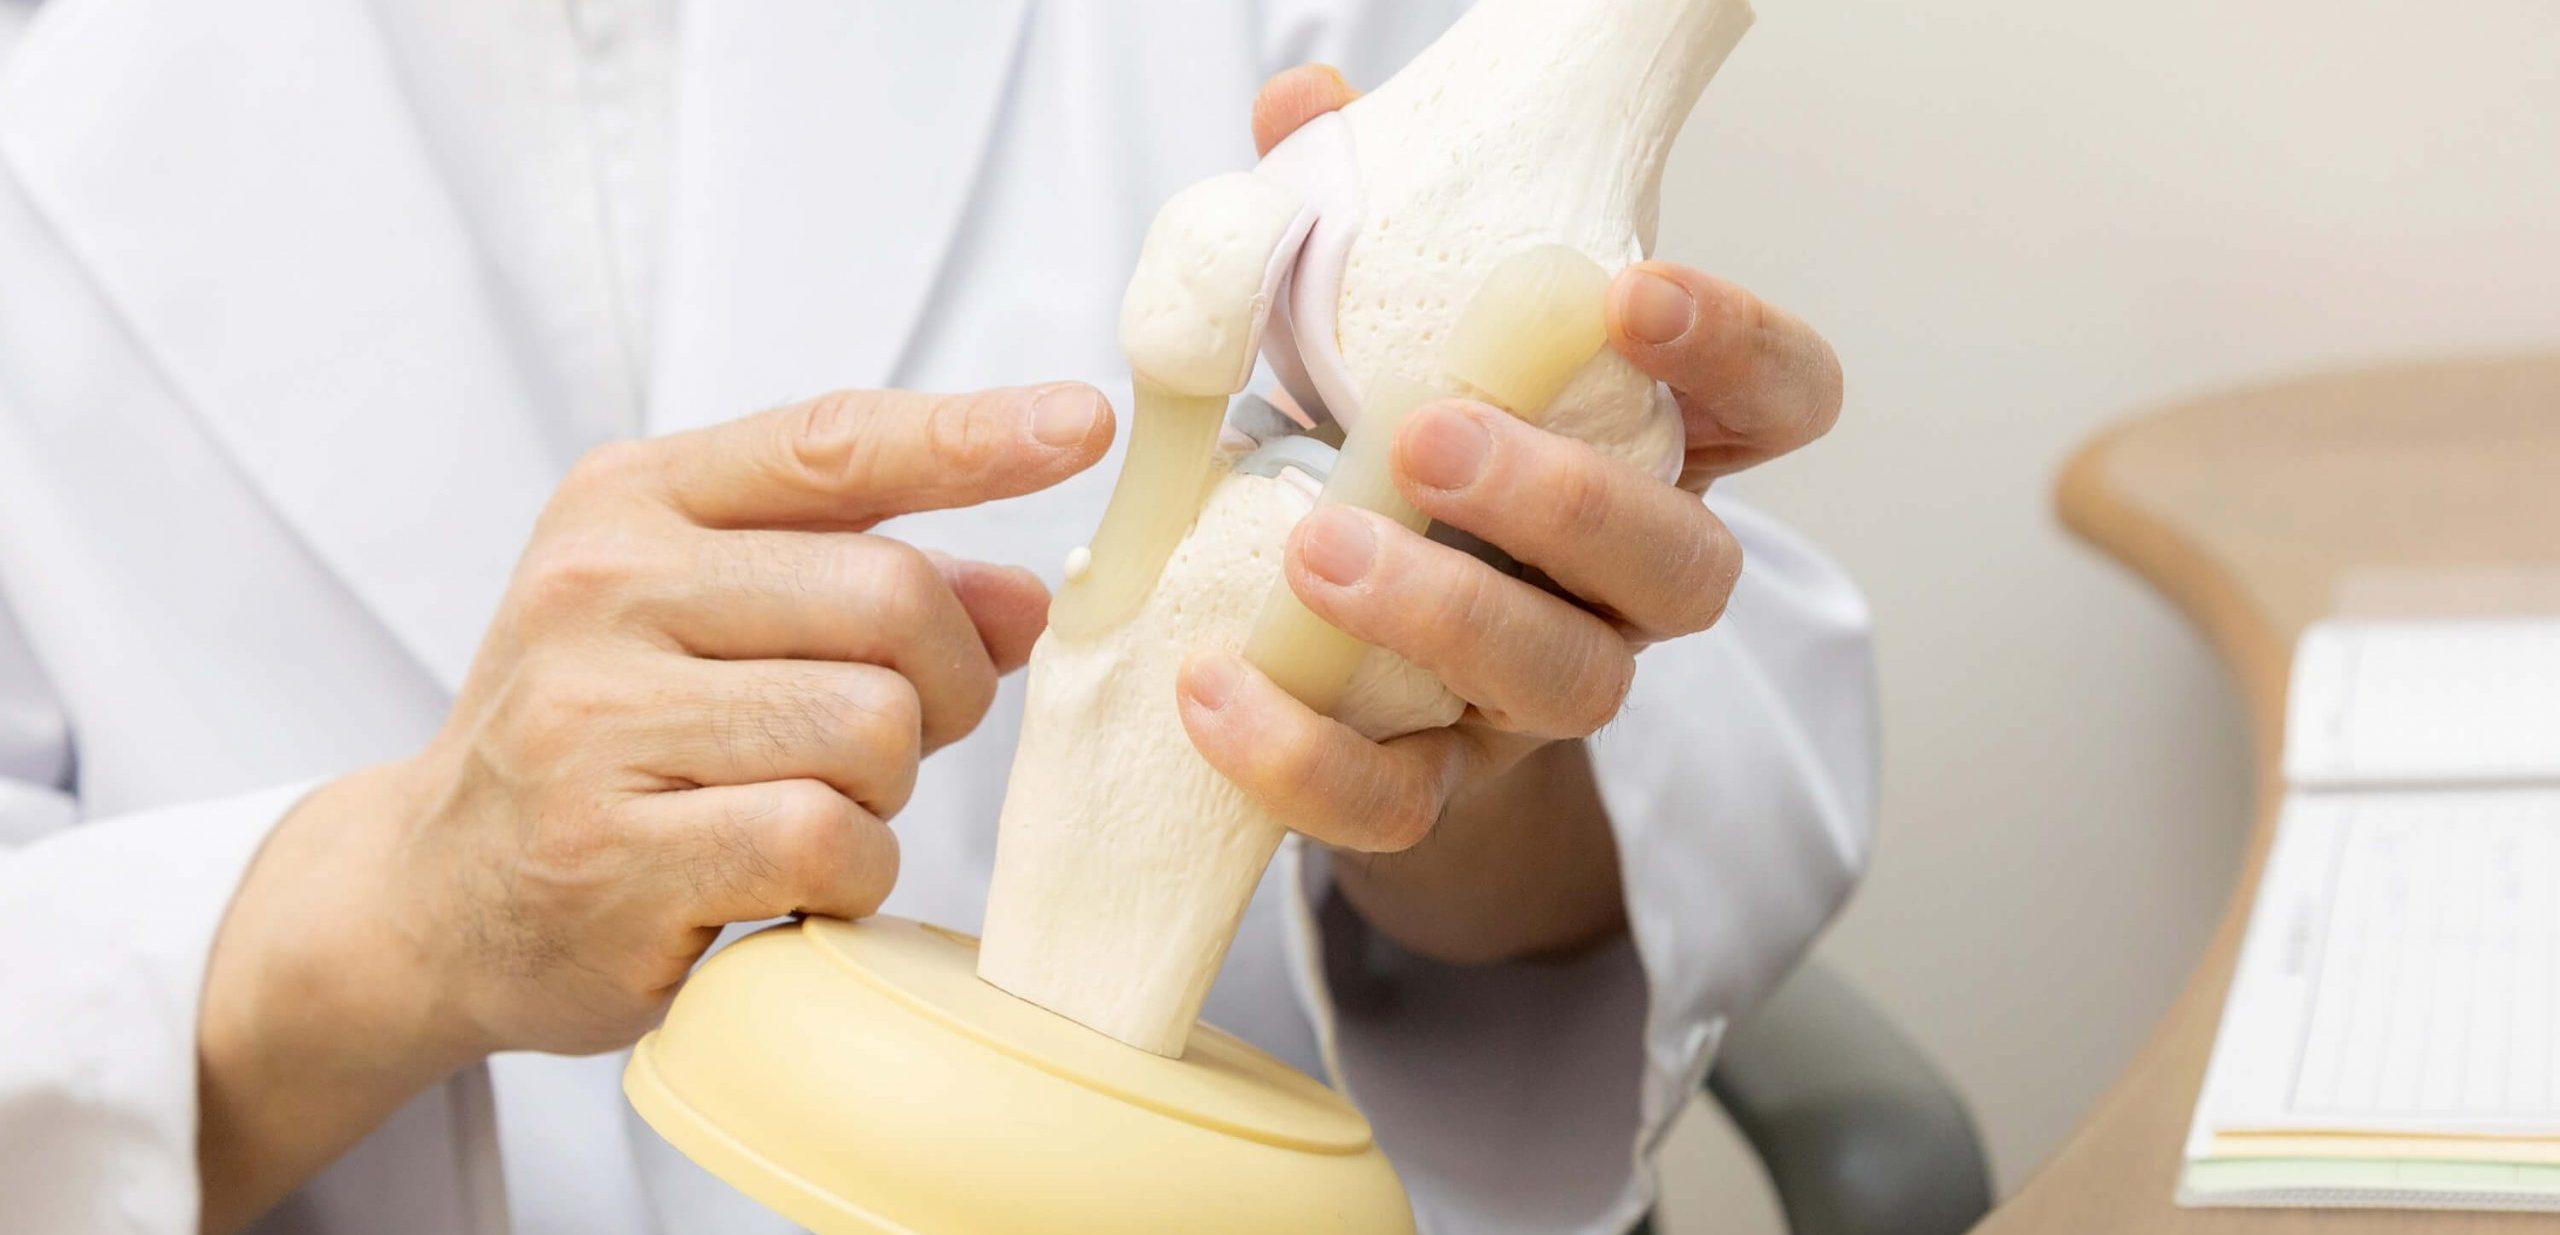 いさか整形外科の治療理念